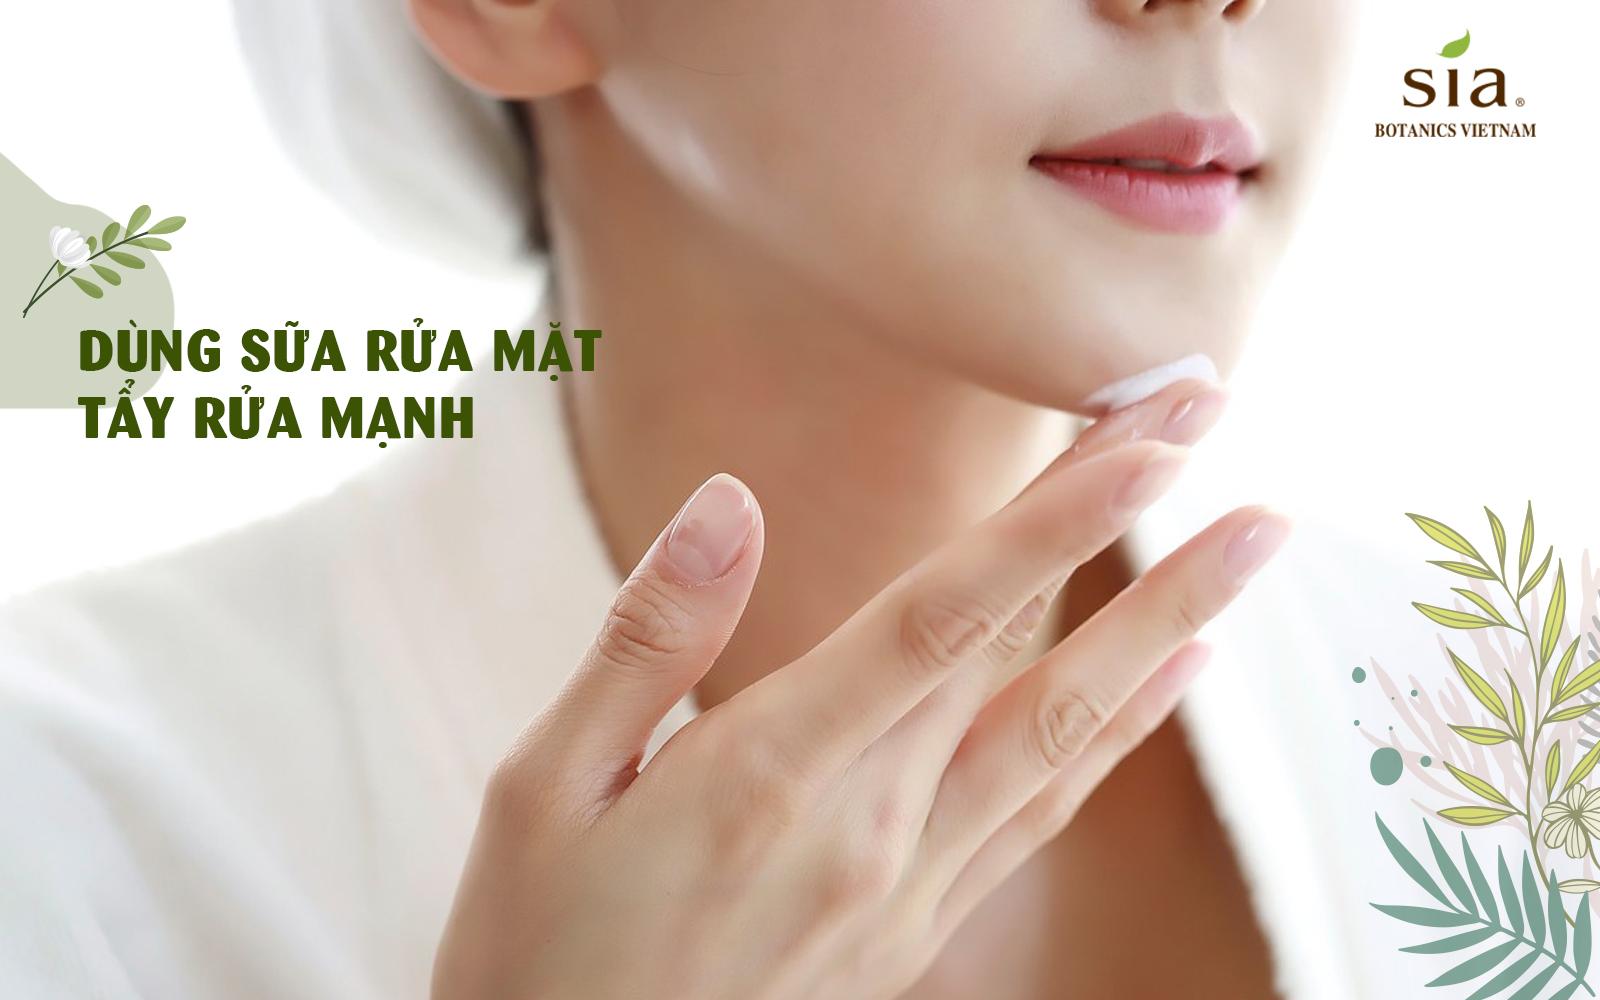 dùng sữa rửa mặt mạnh tay hay có chất tẩy mạnh khiến cho da nhanh lão hóa